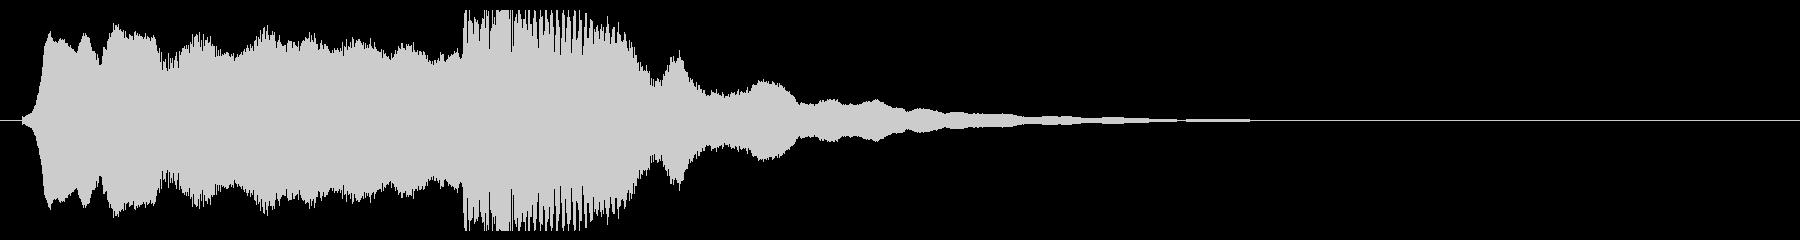 和風 篠笛の 切り掛け用ジングル2の未再生の波形